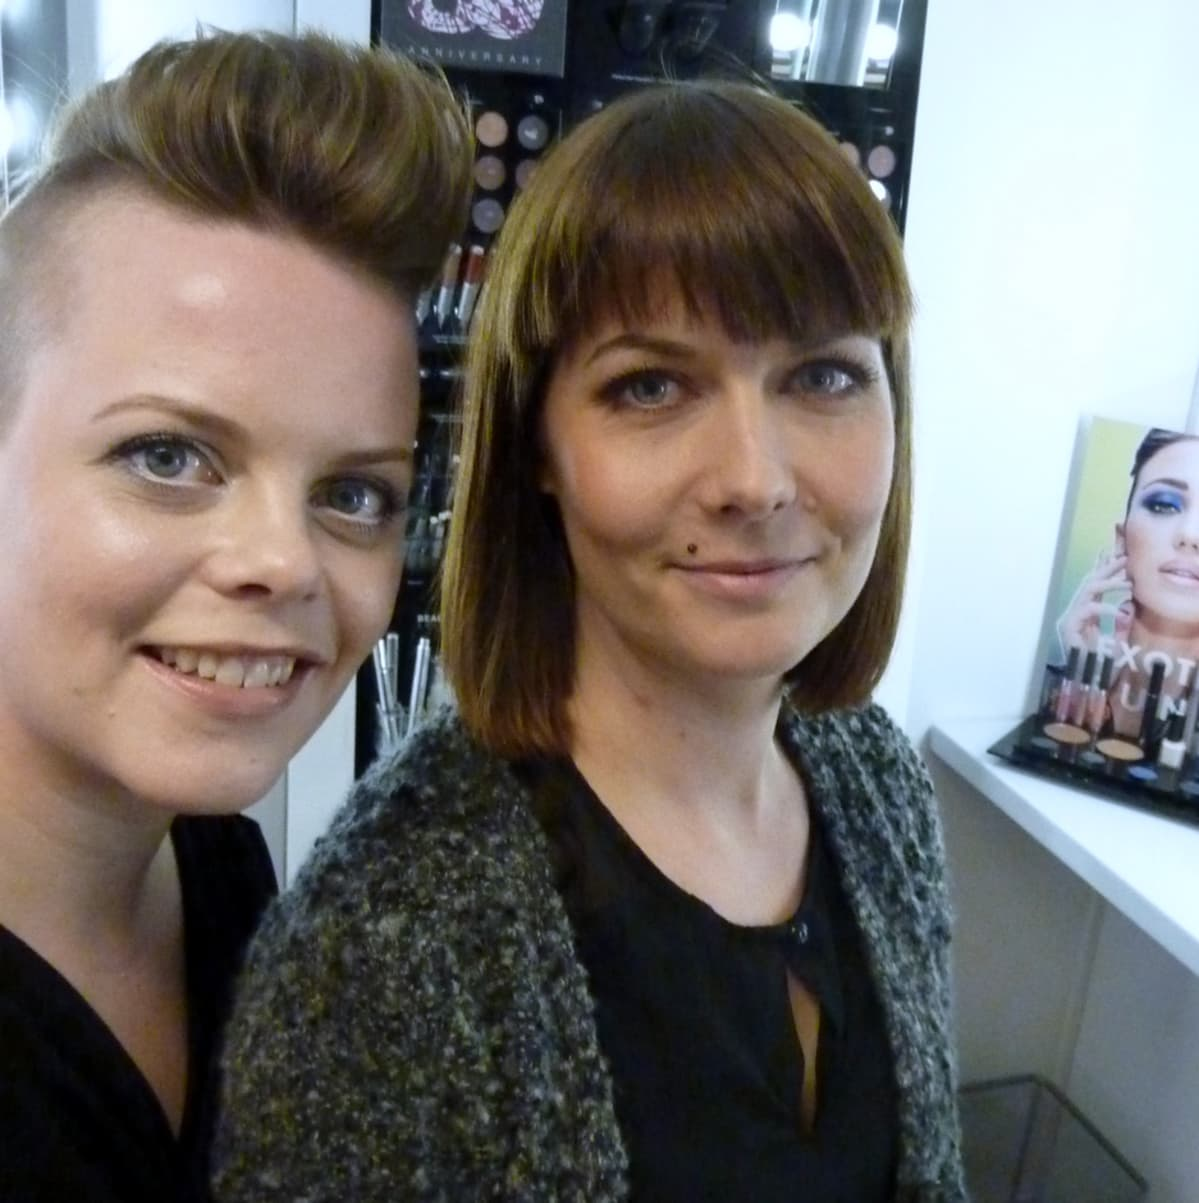 Mikaela Löfroth ja Tiina Lamberg ottivat itsestään selfien.